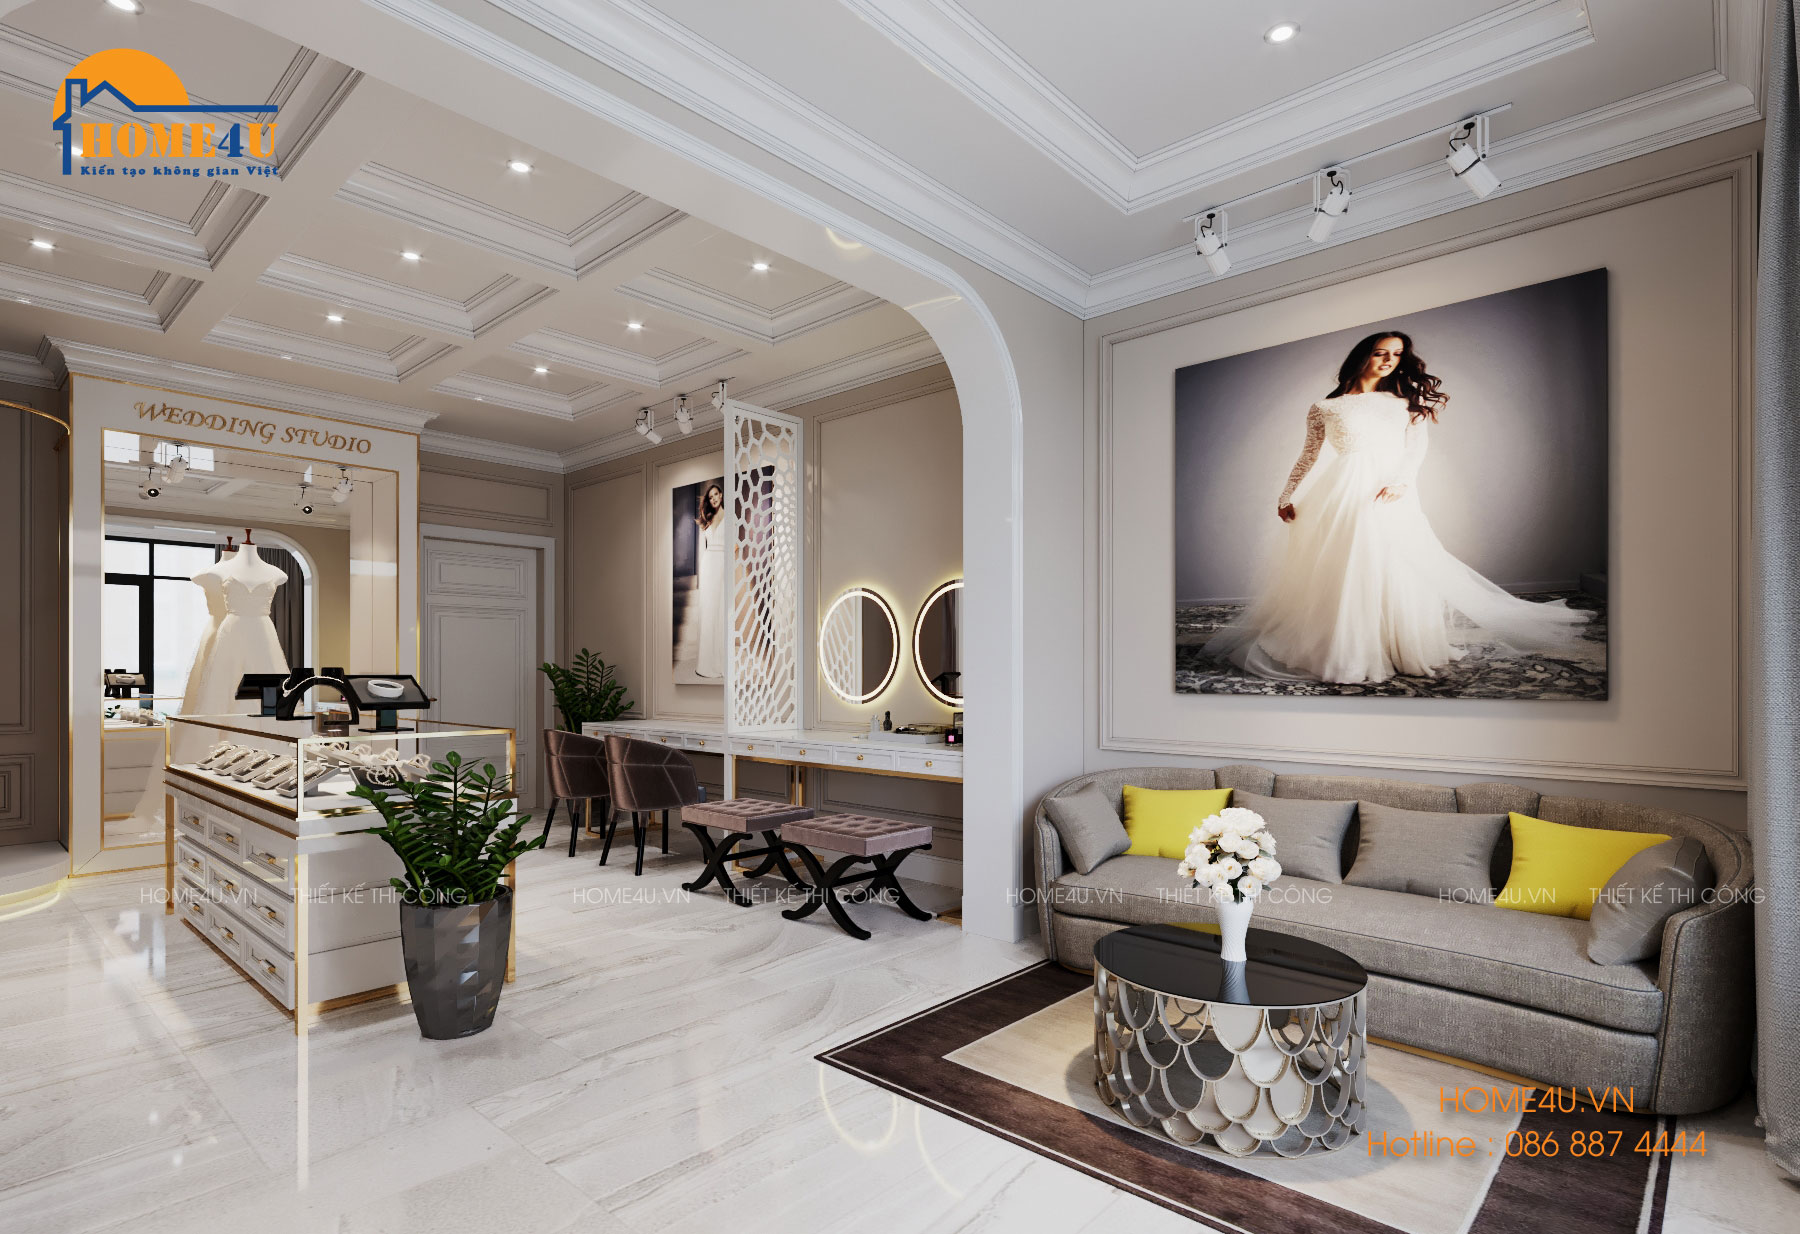 Mẫu thiết kế nội thất Studio áo cưới Luxury - NTSD2001